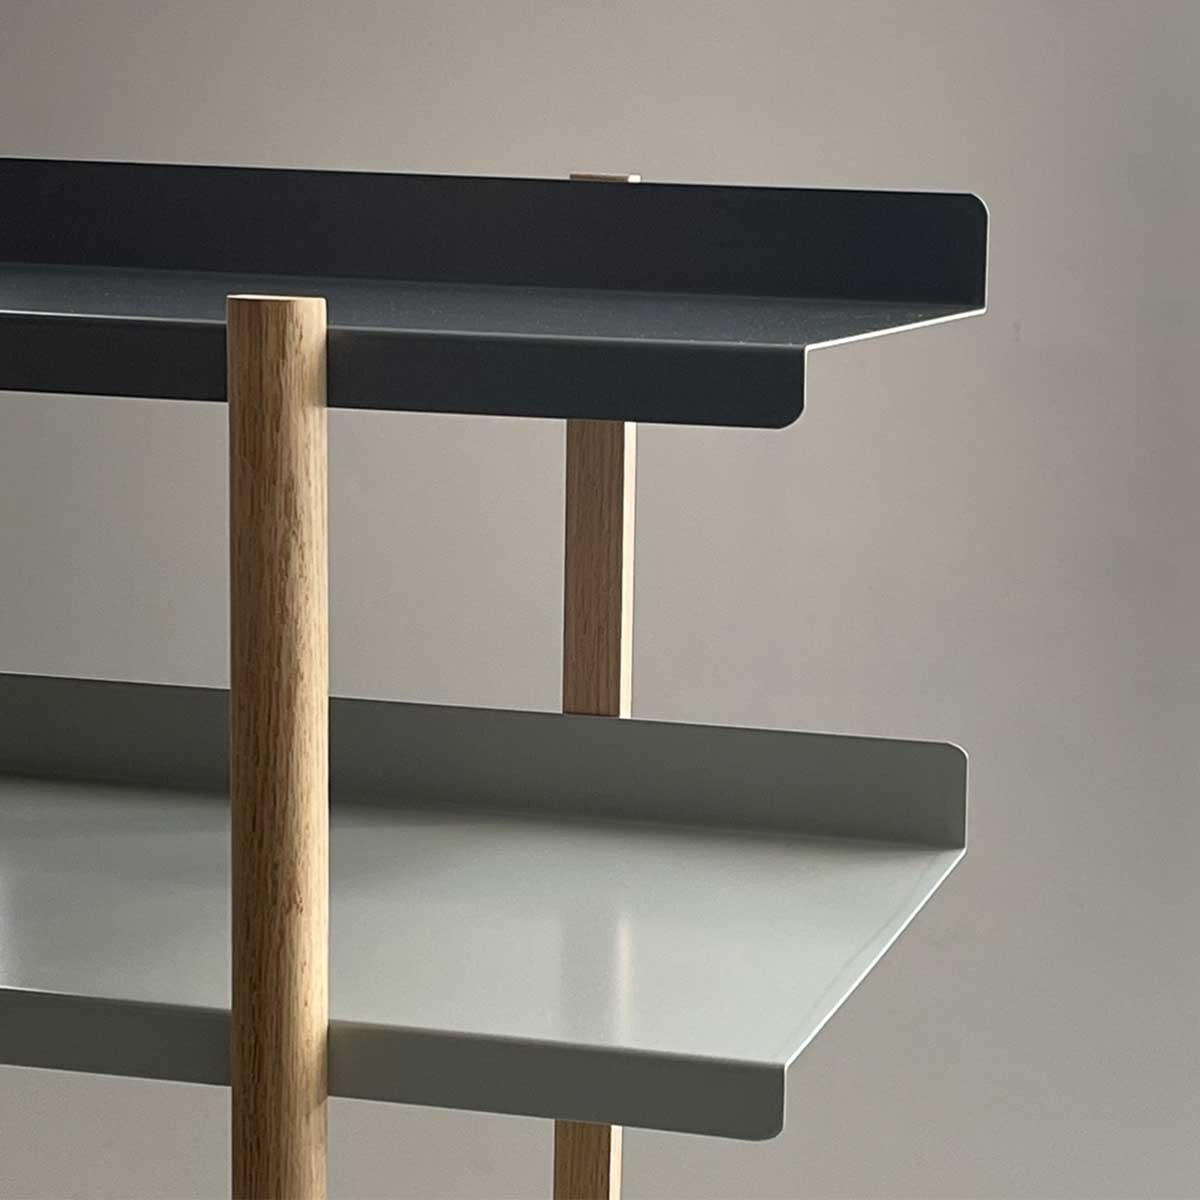 棚板は、薄いスチール製ですが、頑丈さは◎。色違いの棚板を入れ替えるたびに、新鮮な空間づくりができる「シェルフ(棚)」DUENDE Marge Shelf(デュエンデ マージ シェルフ)